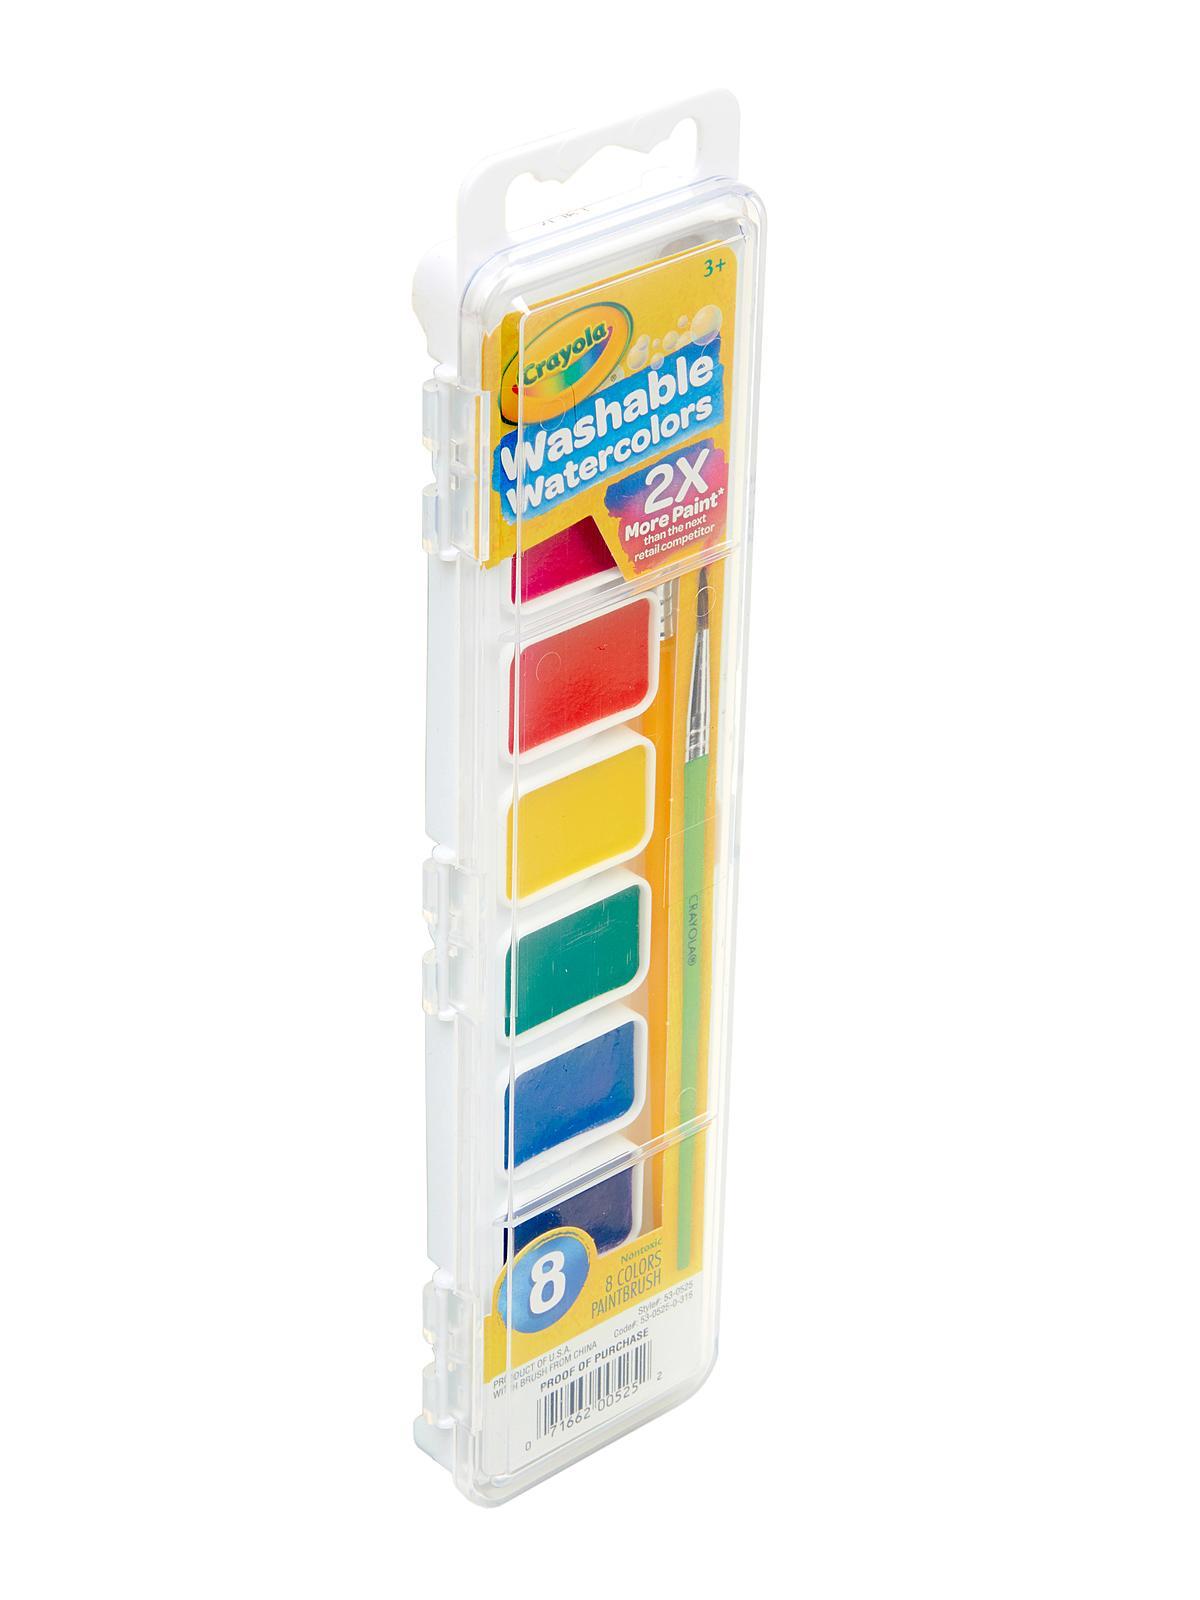 Crayola Washable Watercolor Sets